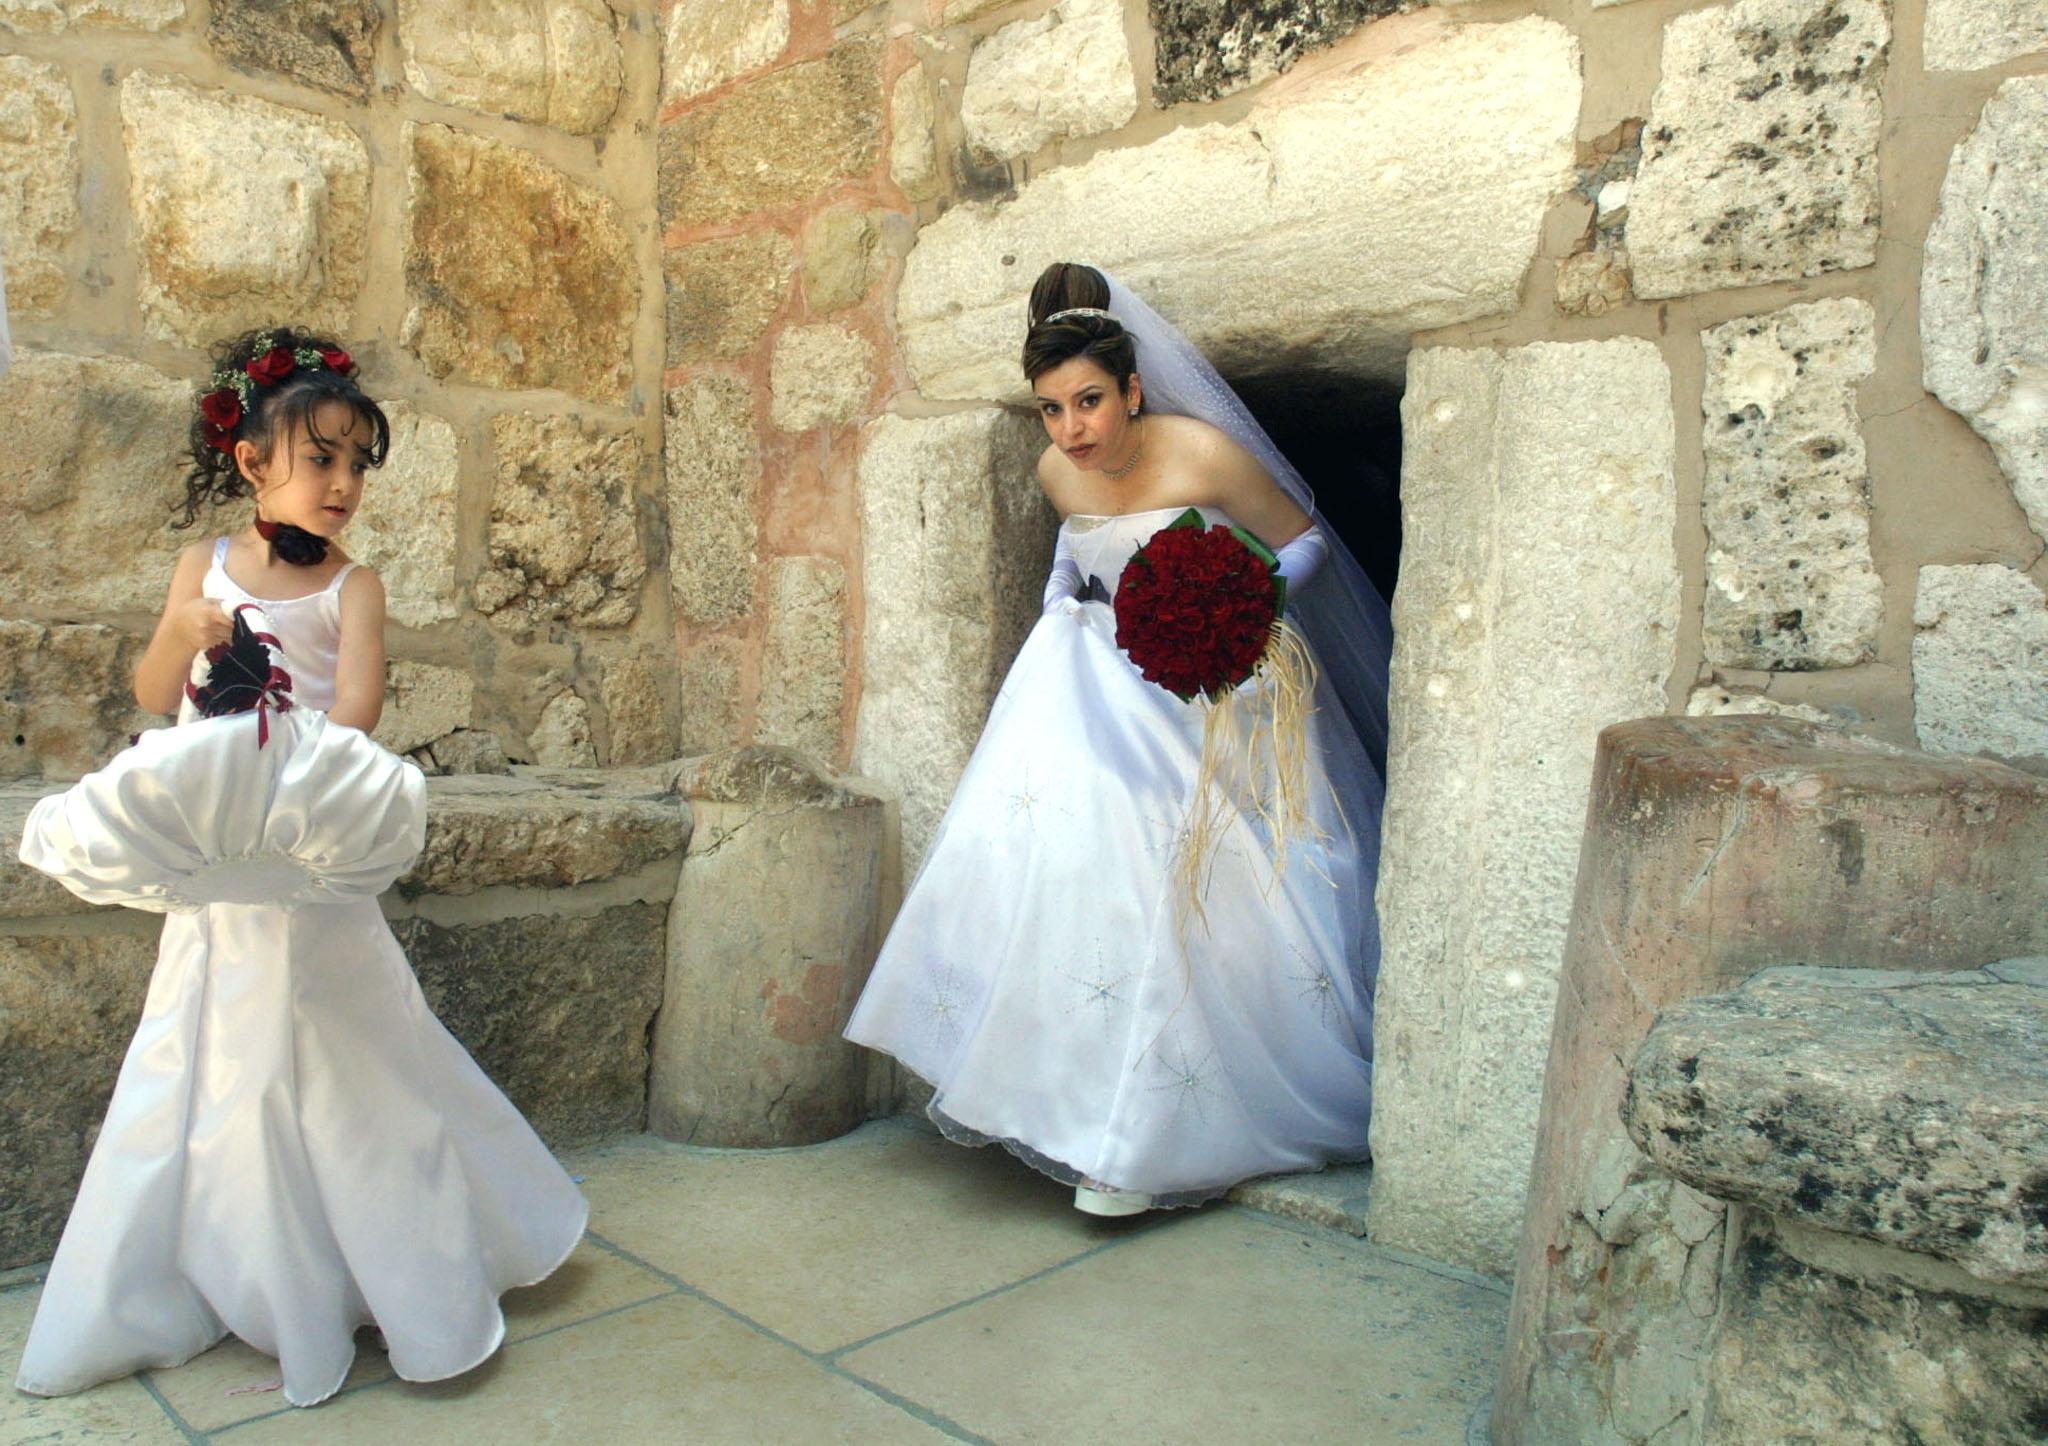 عروس تزور كنيسة المهد يوم زفافها